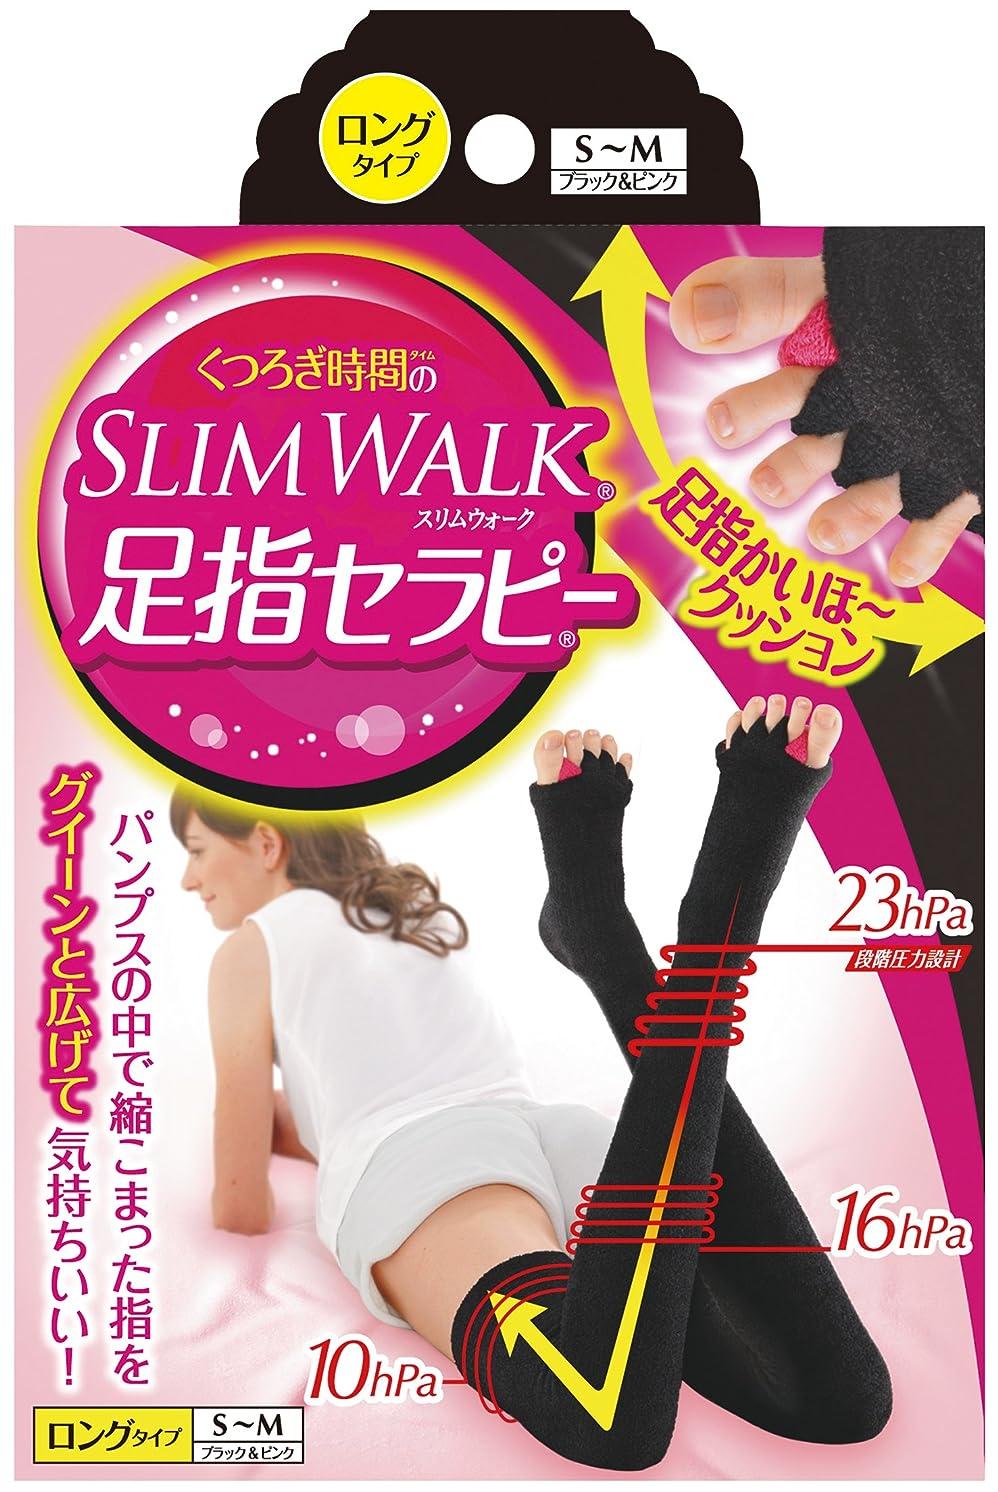 蘇生するコンテンポラリーもろいスリムウォーク 足指セラピー (冬用) ロングタイプ S-Mサイズ ブラック&ピンク(SLIMWALK,split open-toe socks,SM)